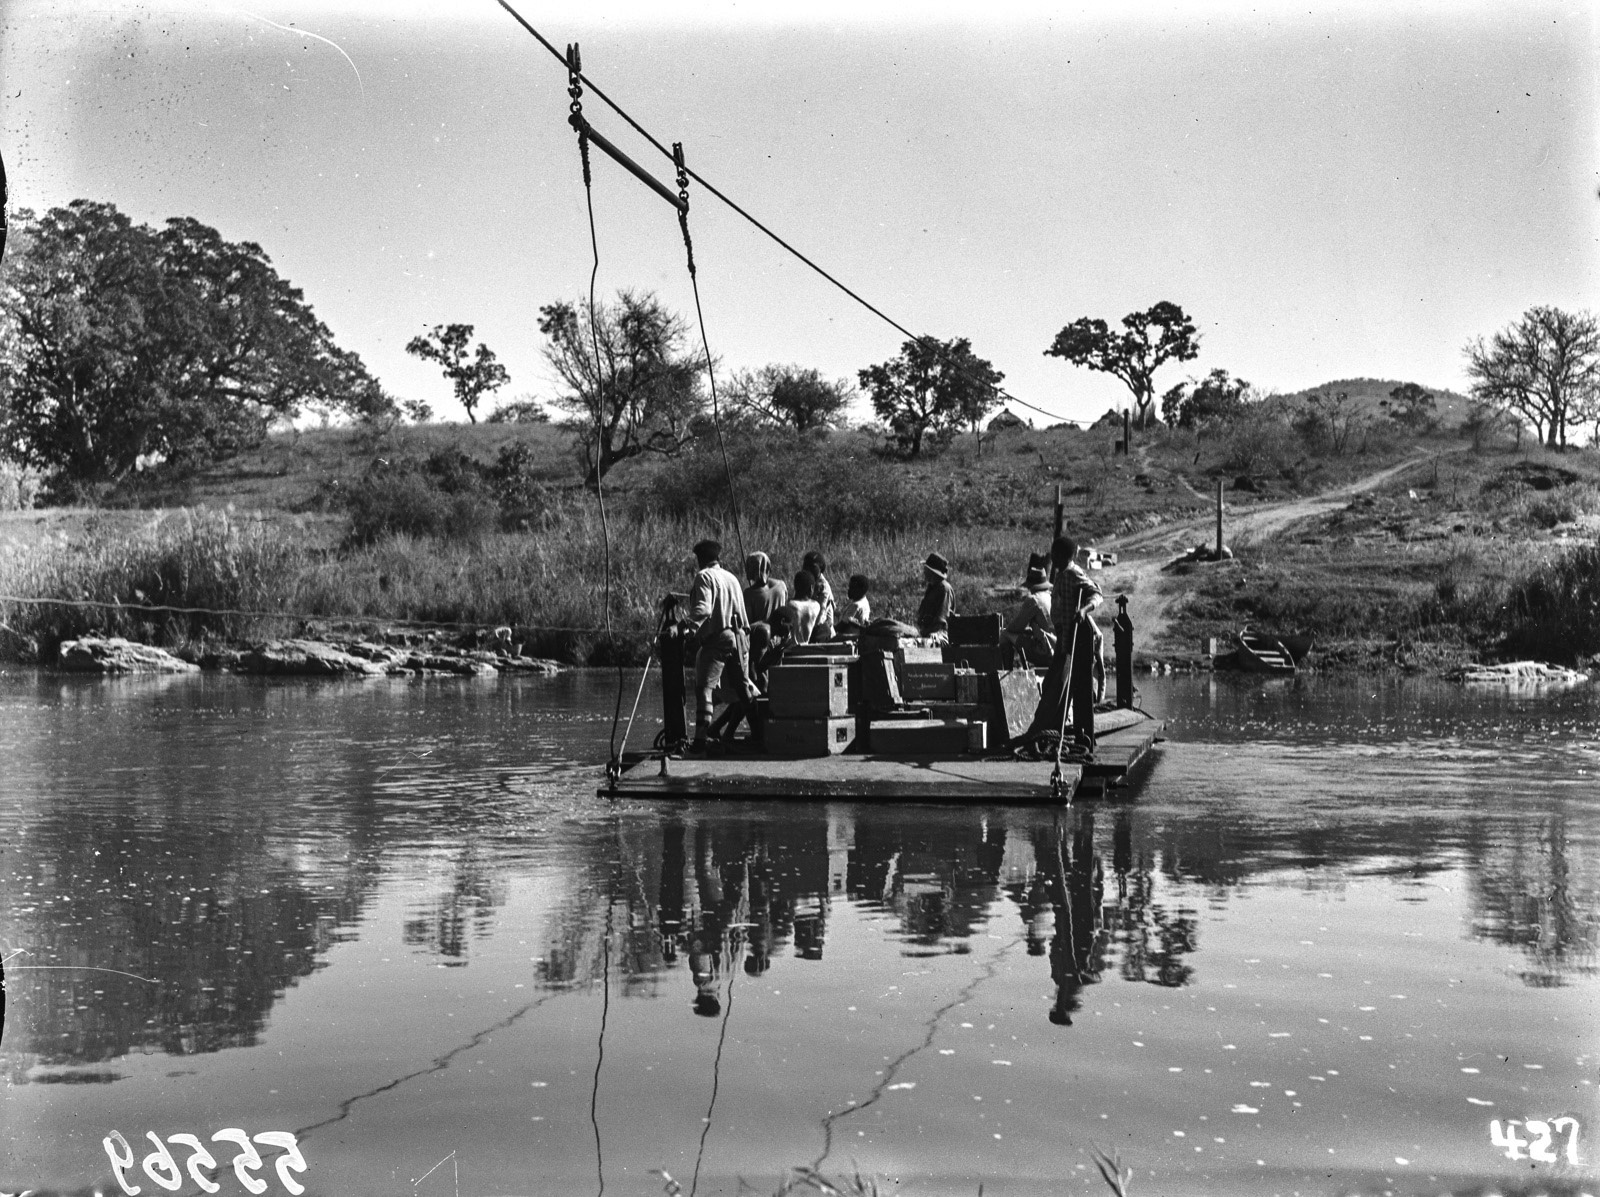 Малалане. Реакционный паром, используемый для перевозки через реку.  Перевозится имущество экспедиции